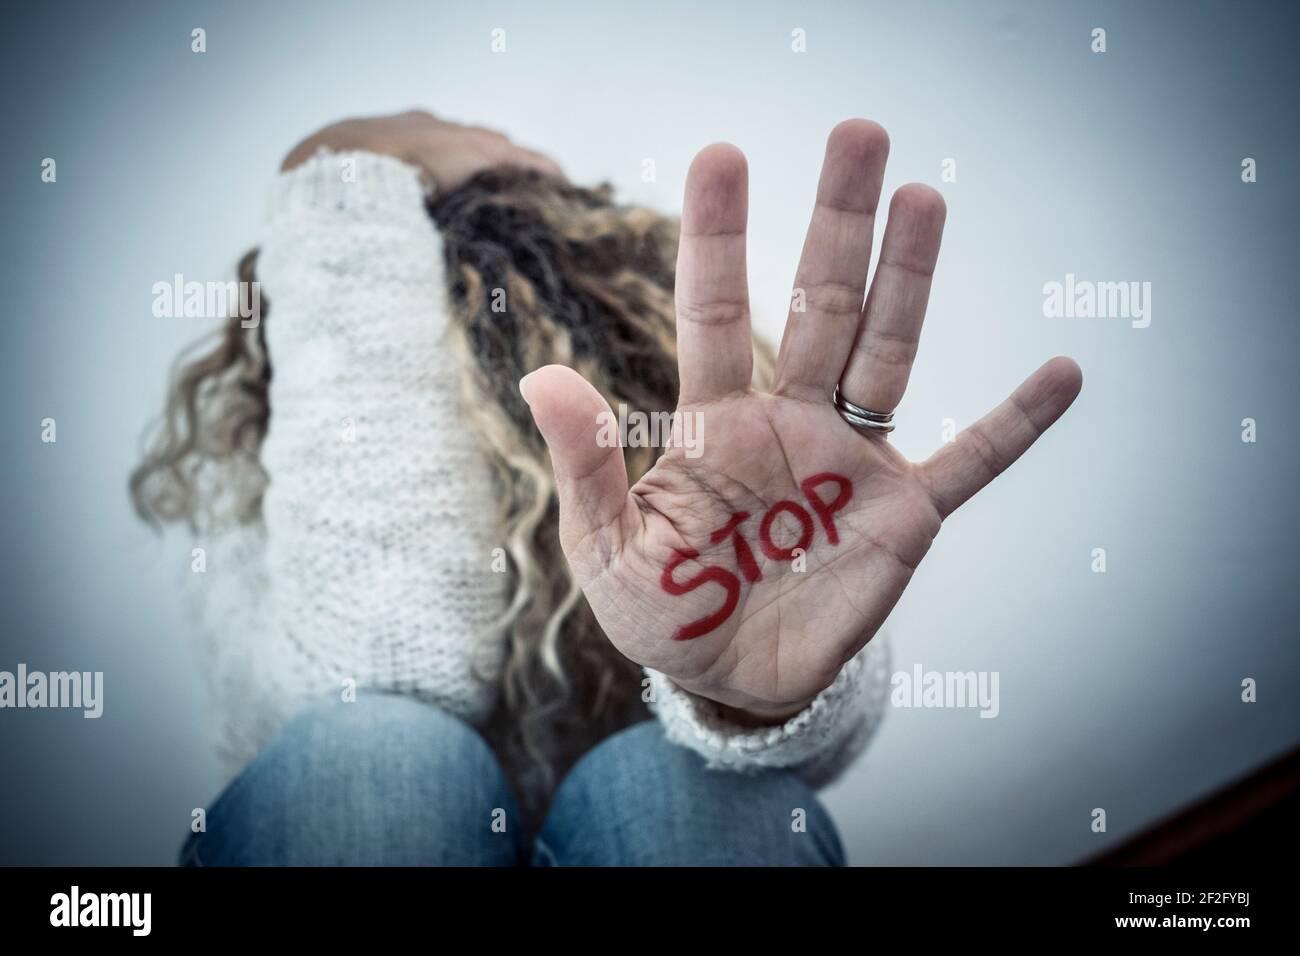 Mettre fin à l'abus de violence de crime sur les femmes des hommes - femme se protéger au sol avec la main pour se défendre - violence à la maison et couple abuese Banque D'Images